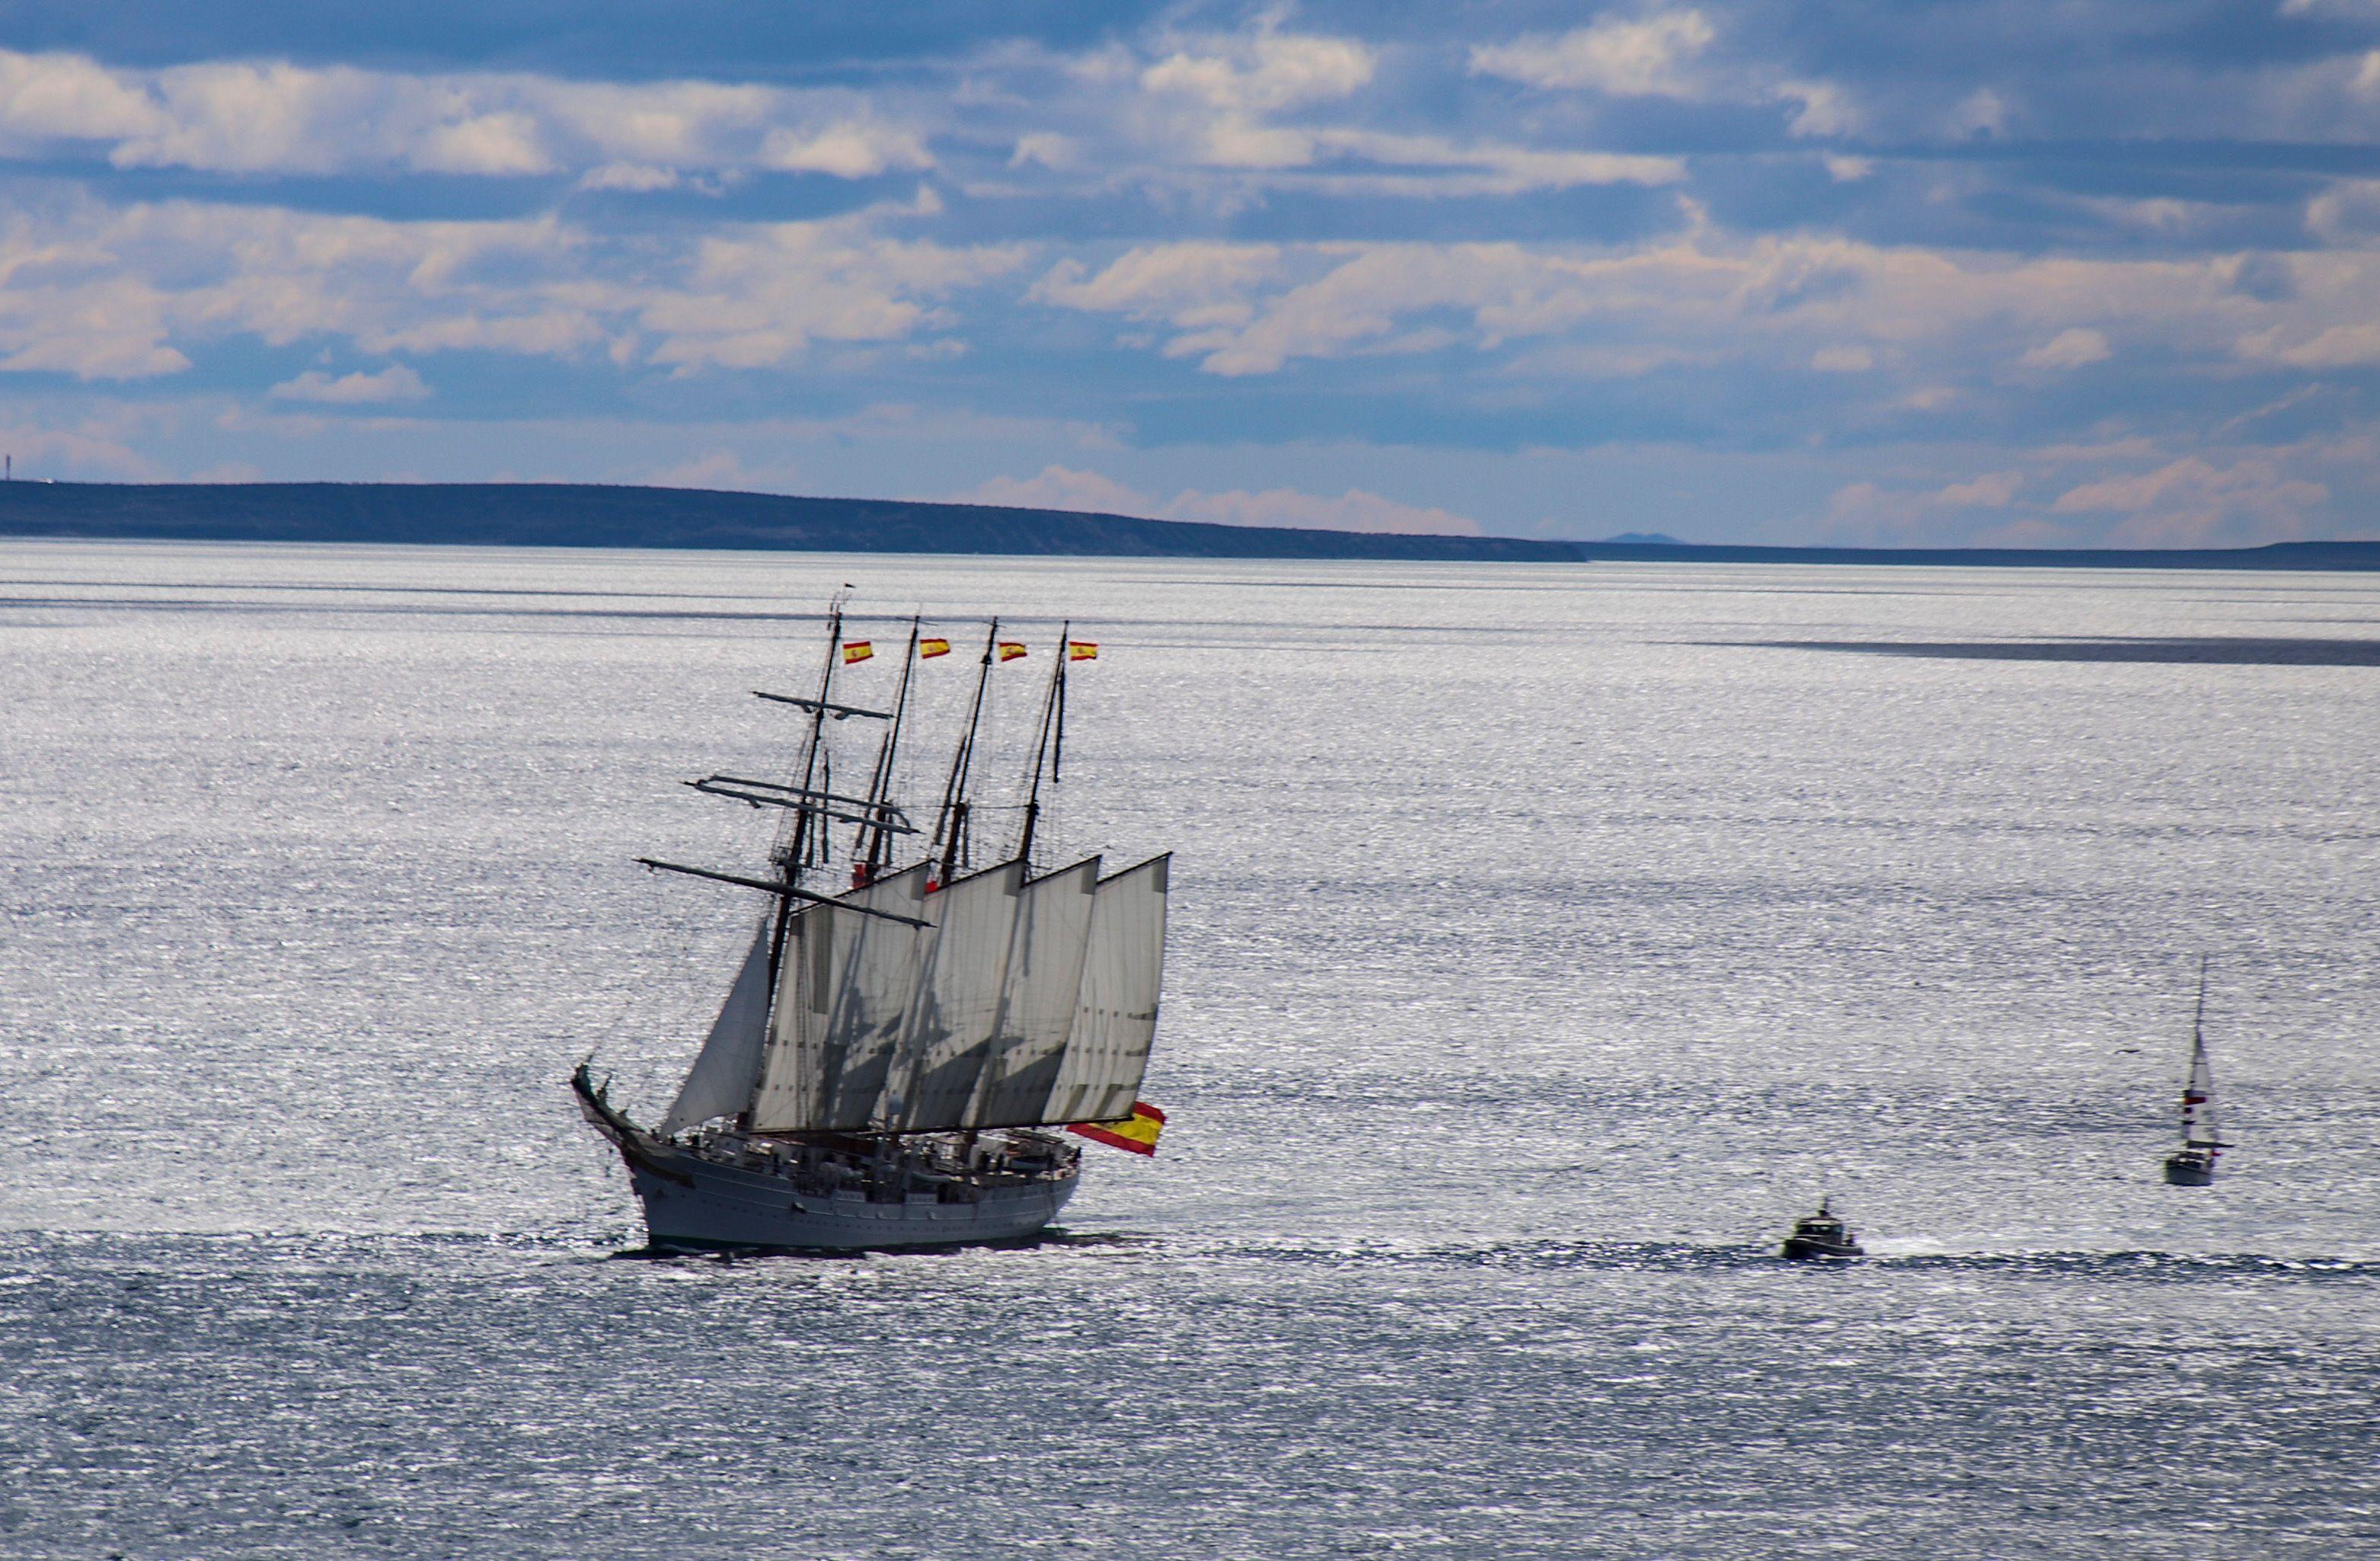 Imágenes del buque Juan Sebastián de Elcano en el Estrecho de Magallanes